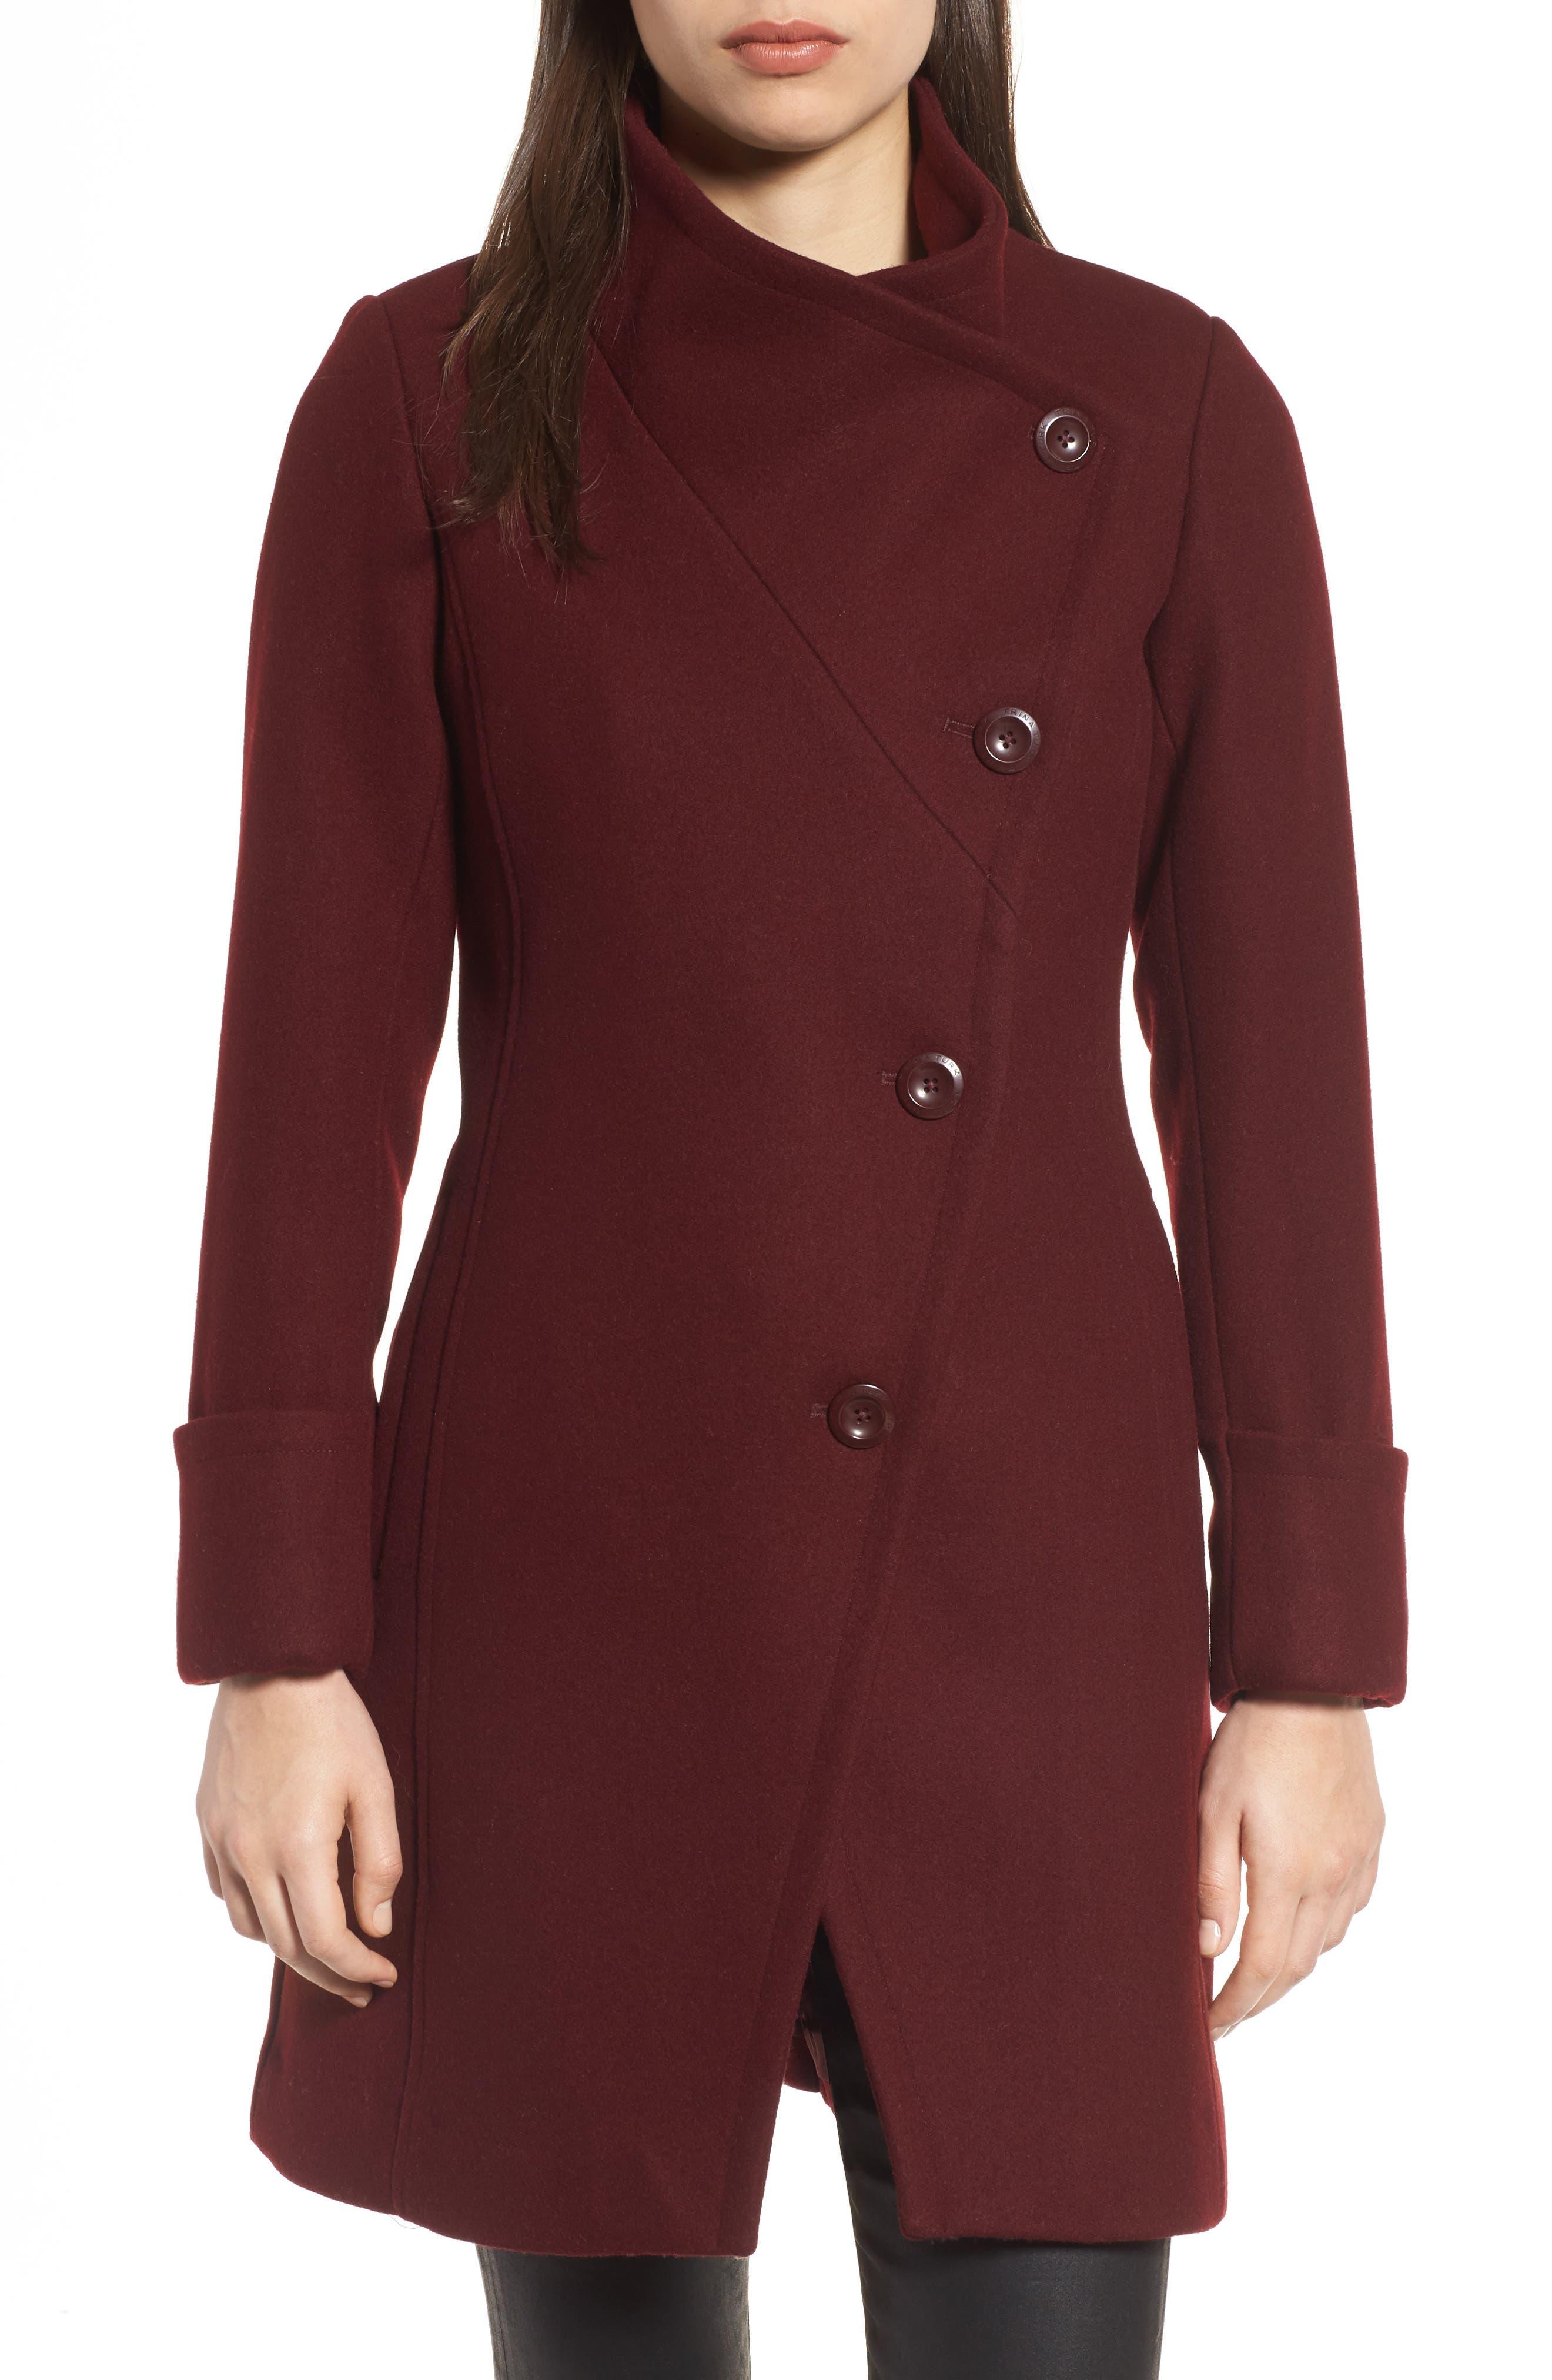 Trina Turk Fiona Double Breasted Coat